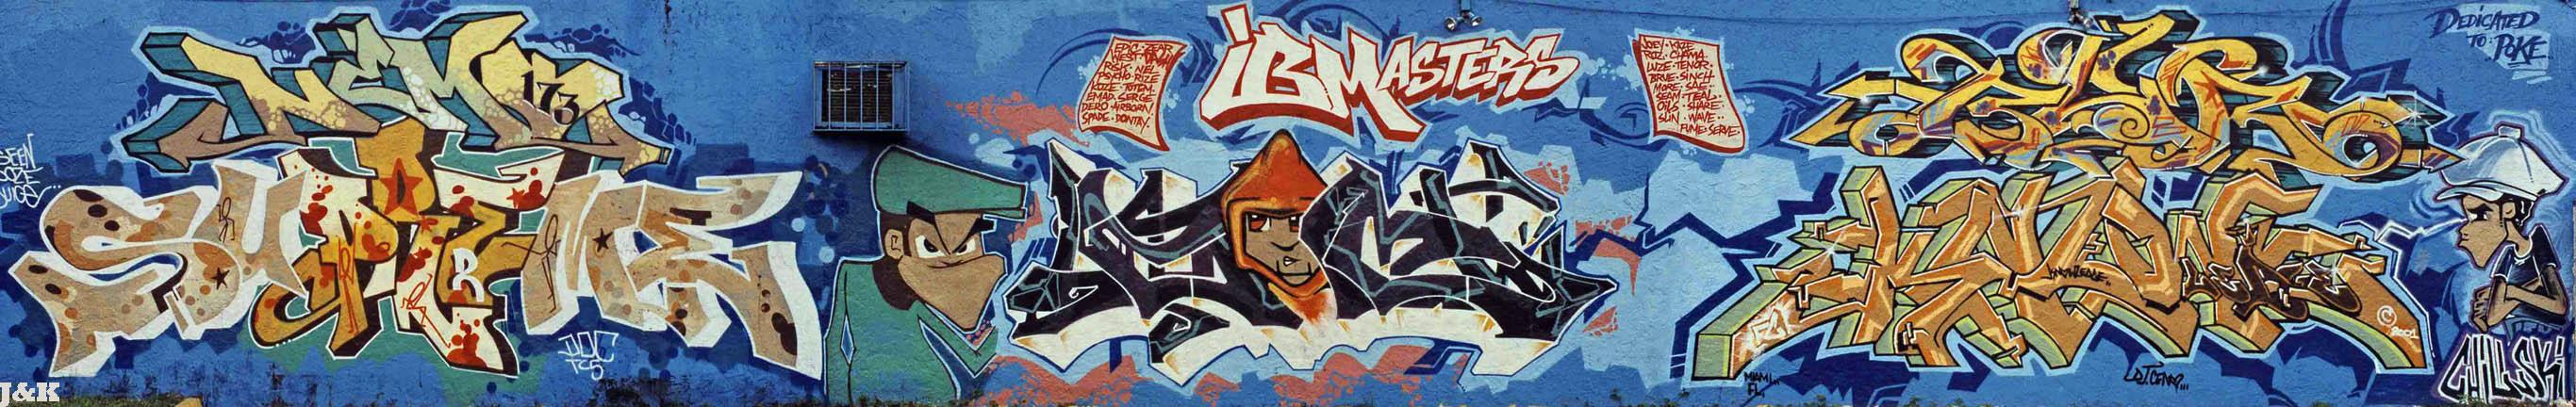 afarm2.static.flickr.com_1146_539344075_b67313043a_o.jpg